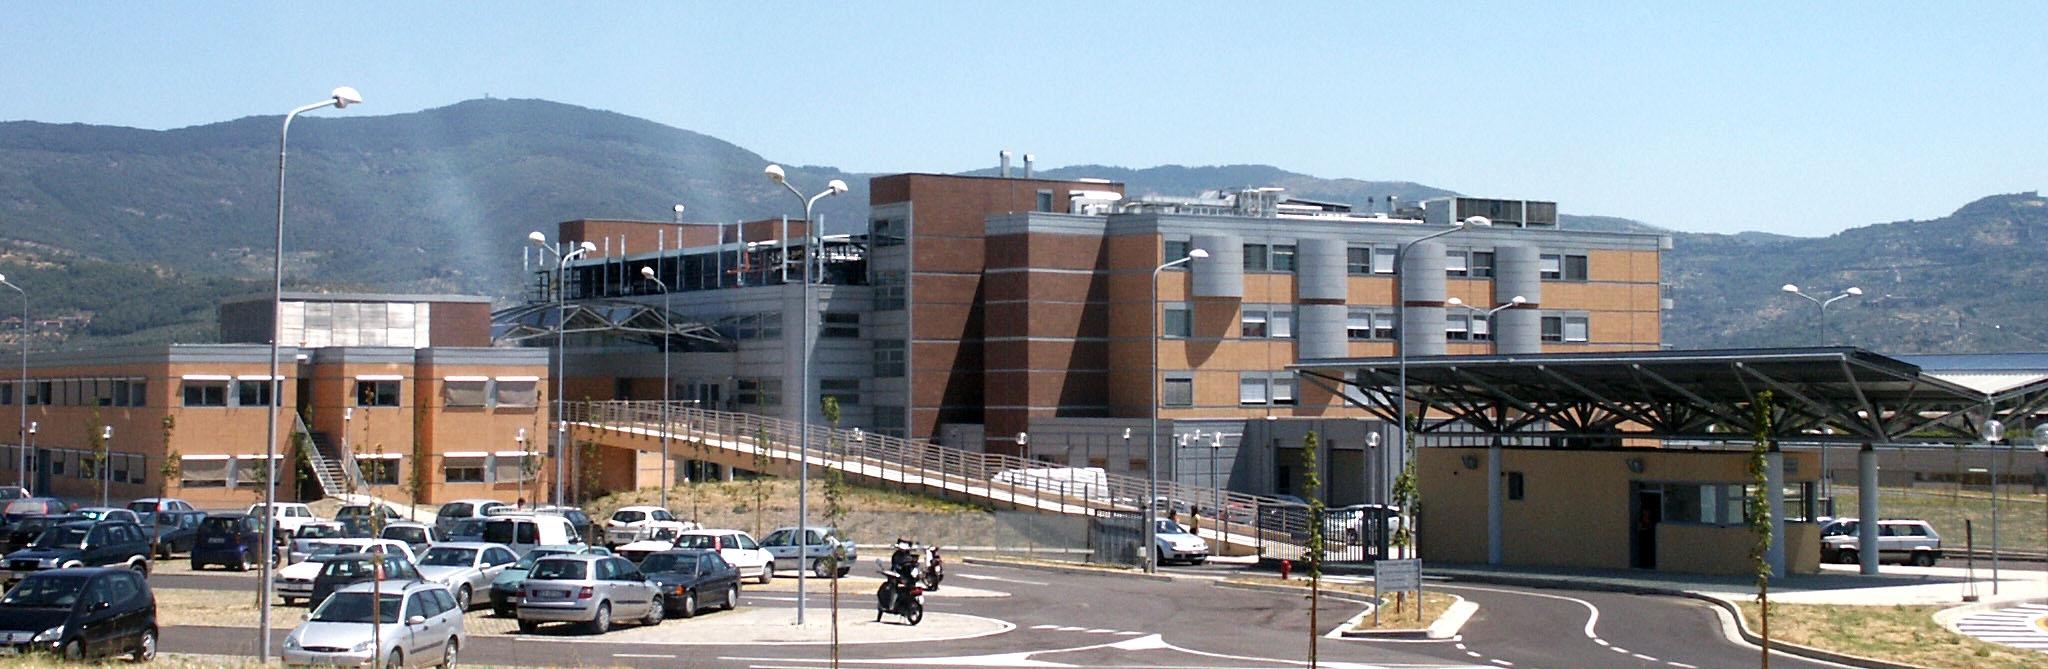 Dieci anni dell'Ospedale di Fratta: il bilancio della Usl e le iniziative previste